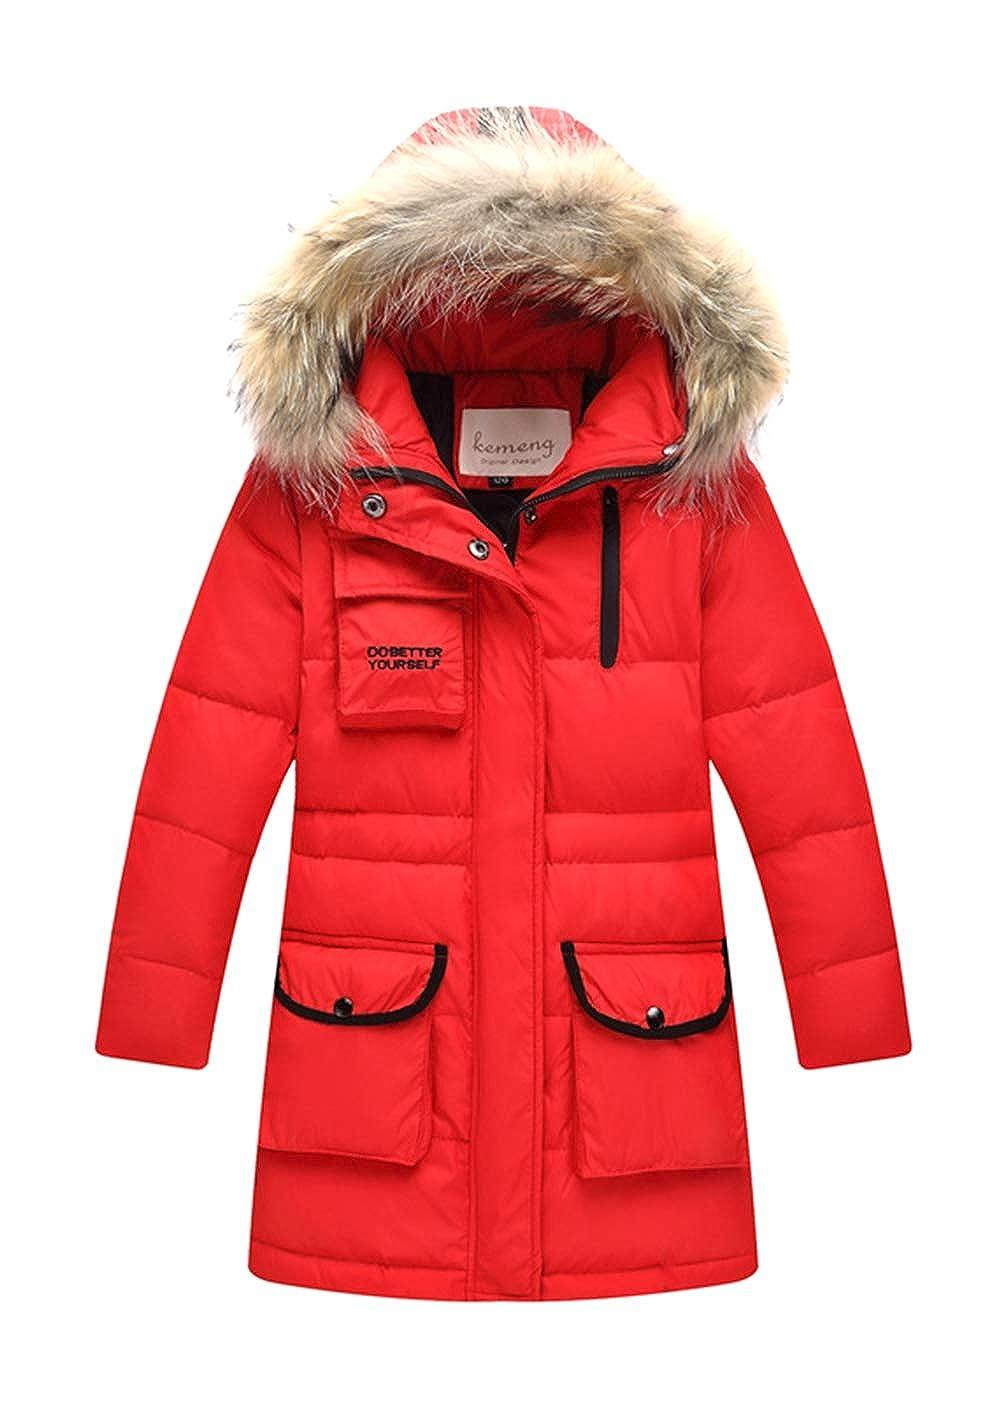 Rouge 1 Stature fille 120-130cm Insun Doudoune pour Garçon Fille Veste d'hiver avec Capuche Amovible Enfant Manteau Blouson